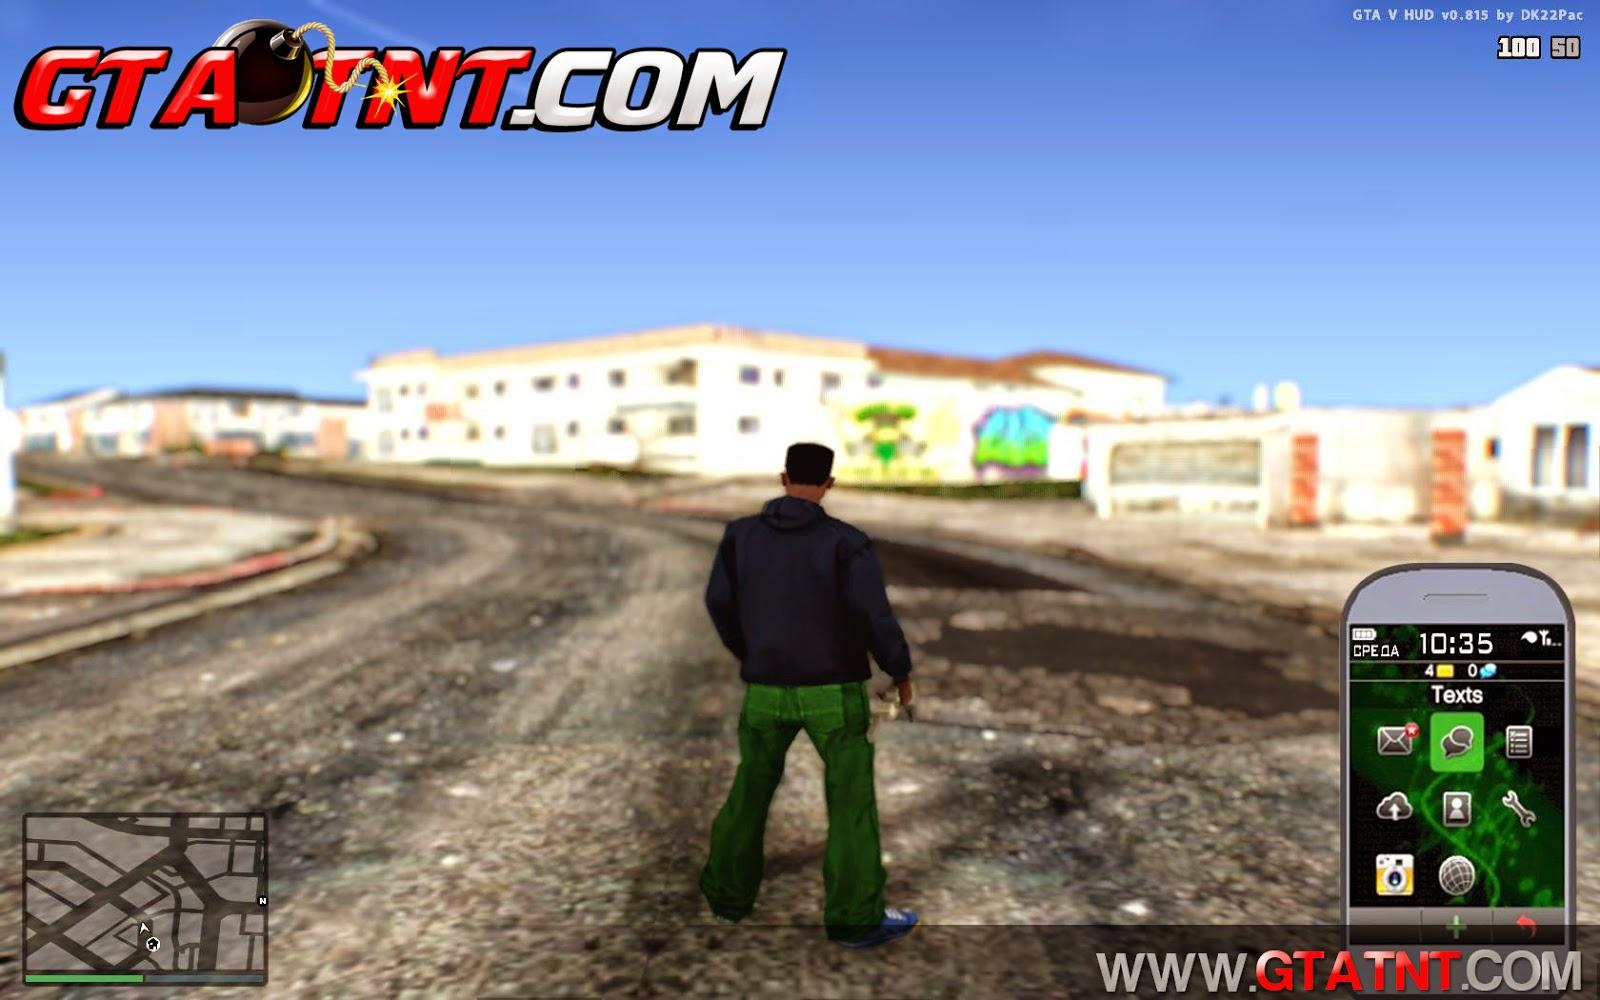 GTA SA - HUD + GPS + Menu de Armas + Troca de Personagem do GTA 5 Gta_sa%2B2014-09-03%2B11-16-09-97